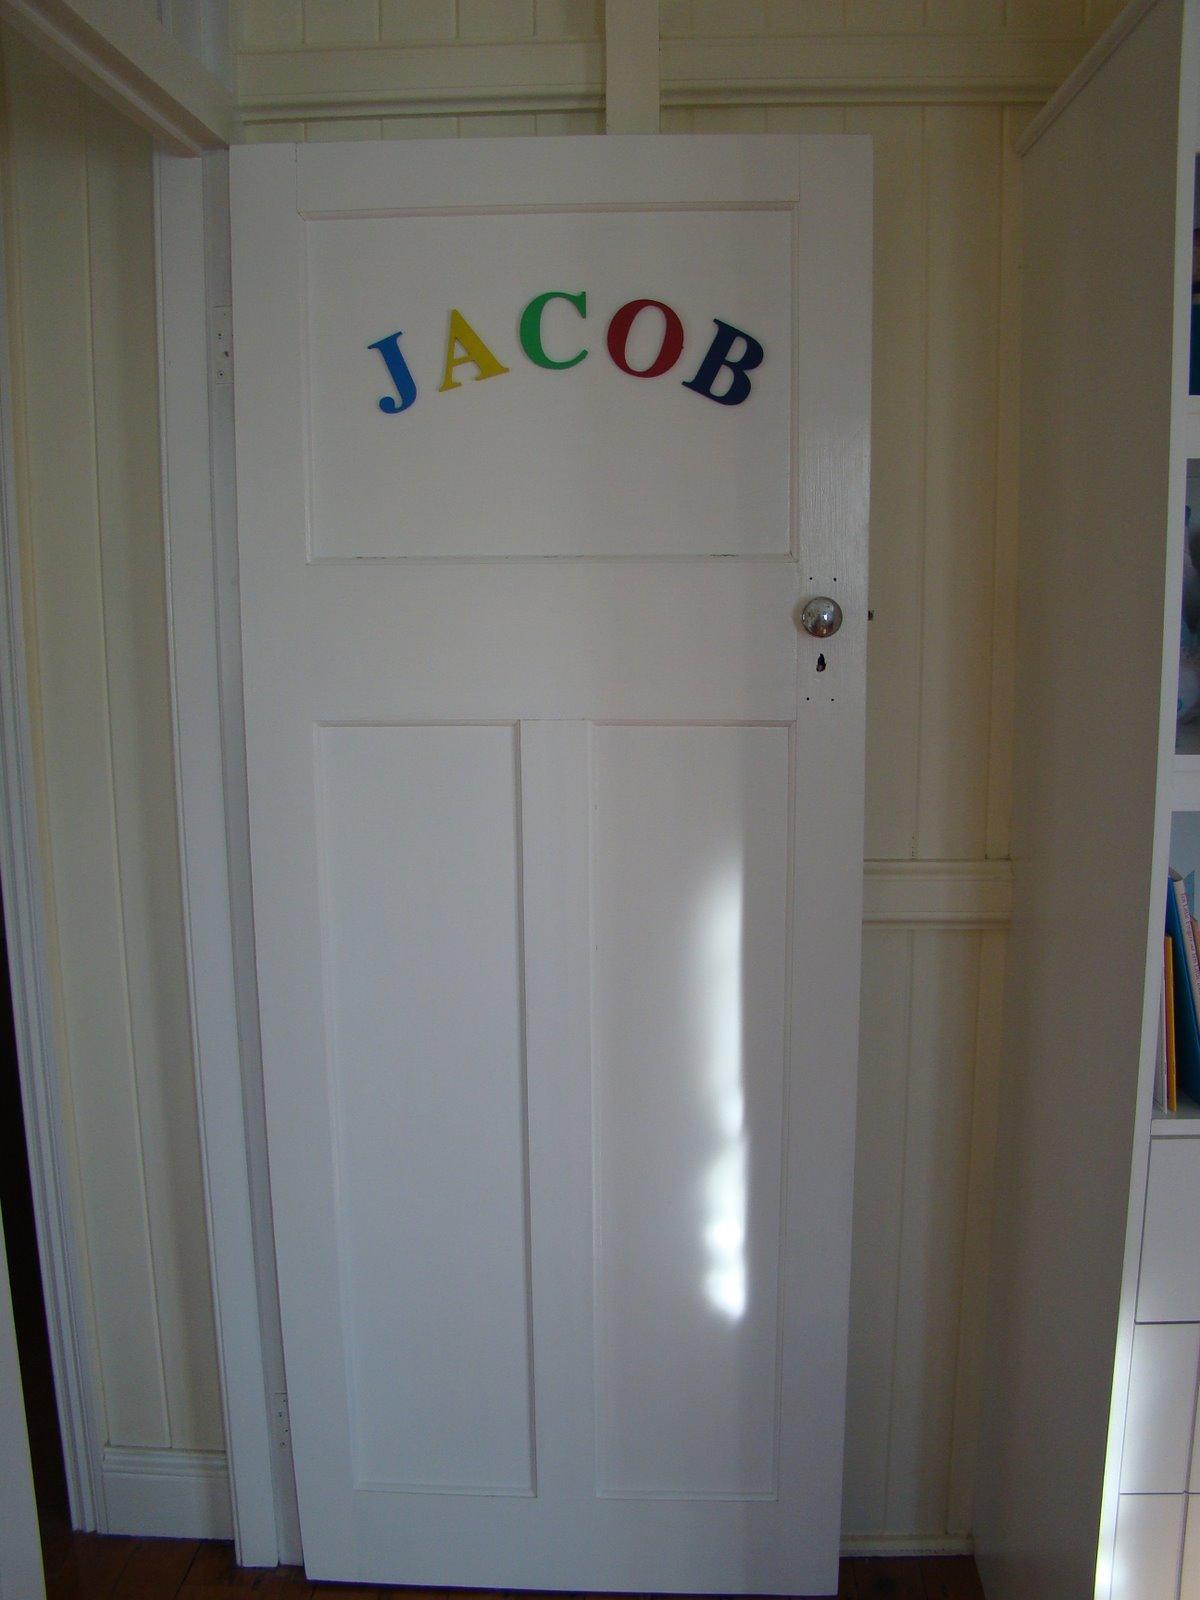 Bedroom Door Name  Cook Clean Craft